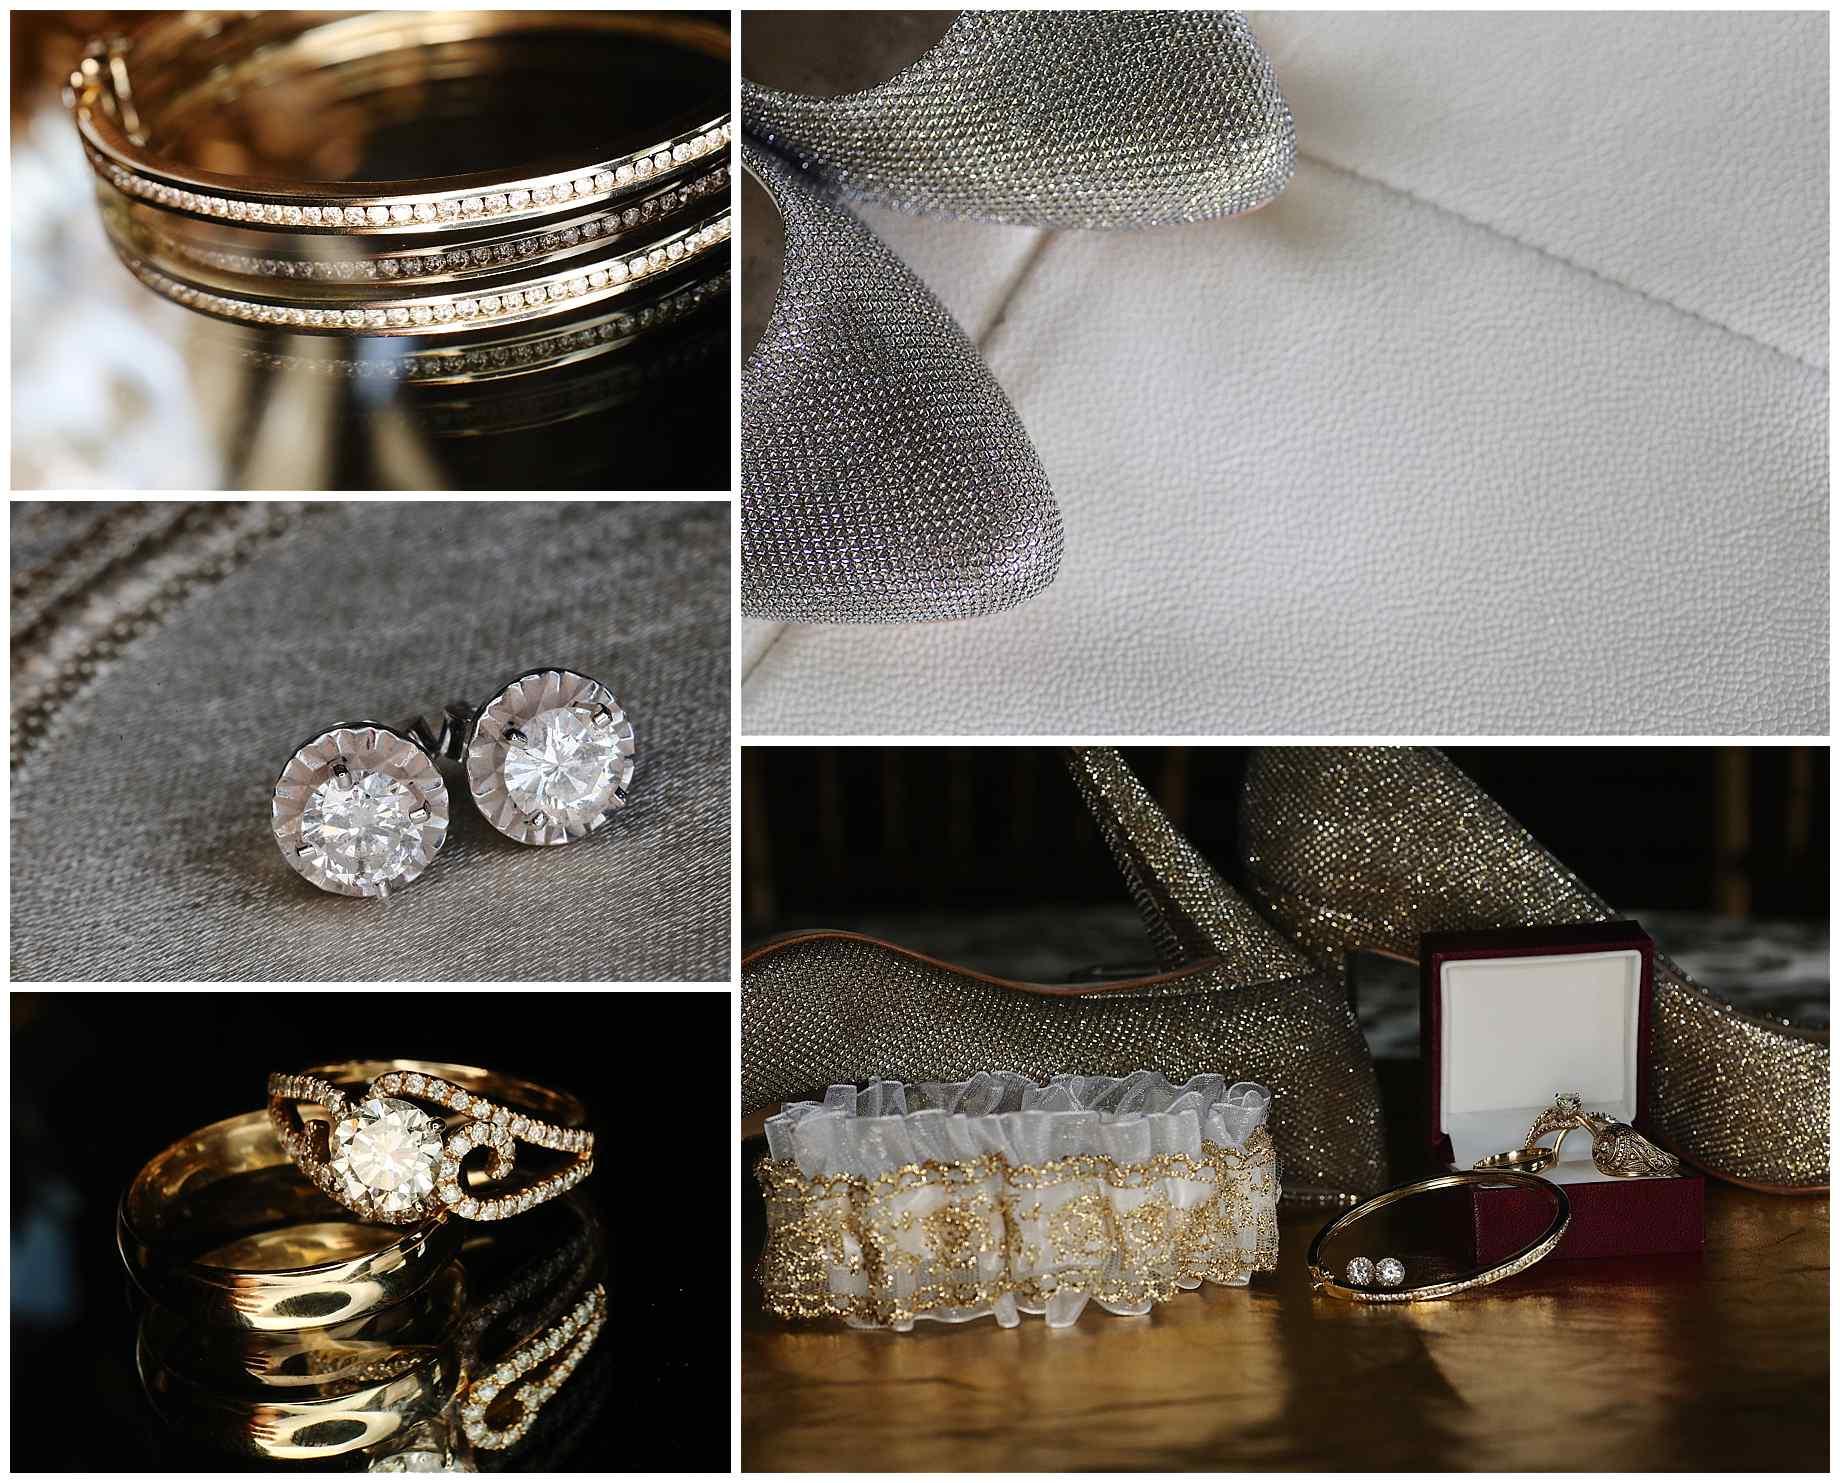 landing-event-center-joshua-farms-wedding-photos-004